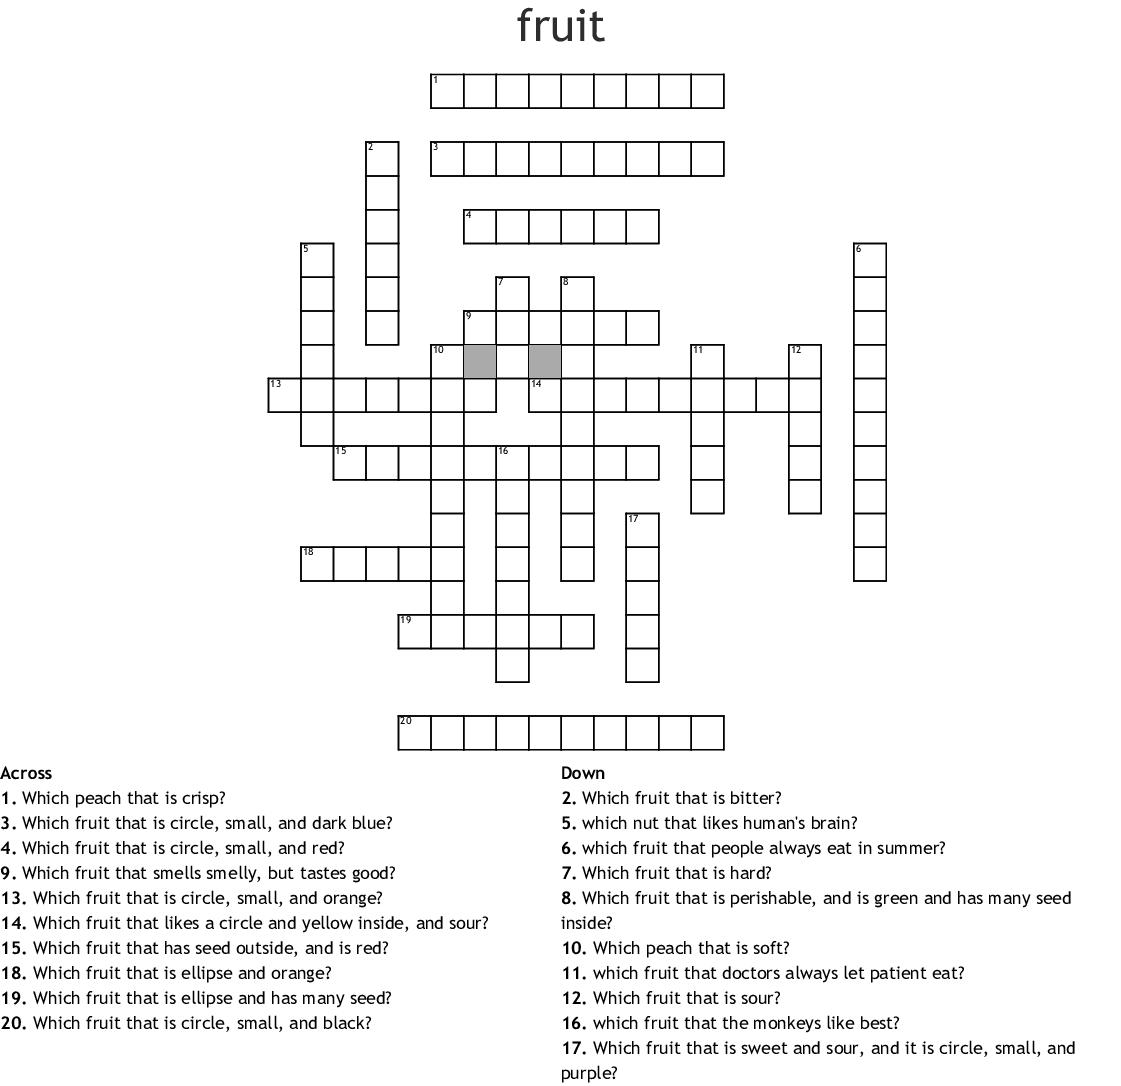 Fruit Crossword Wordmint